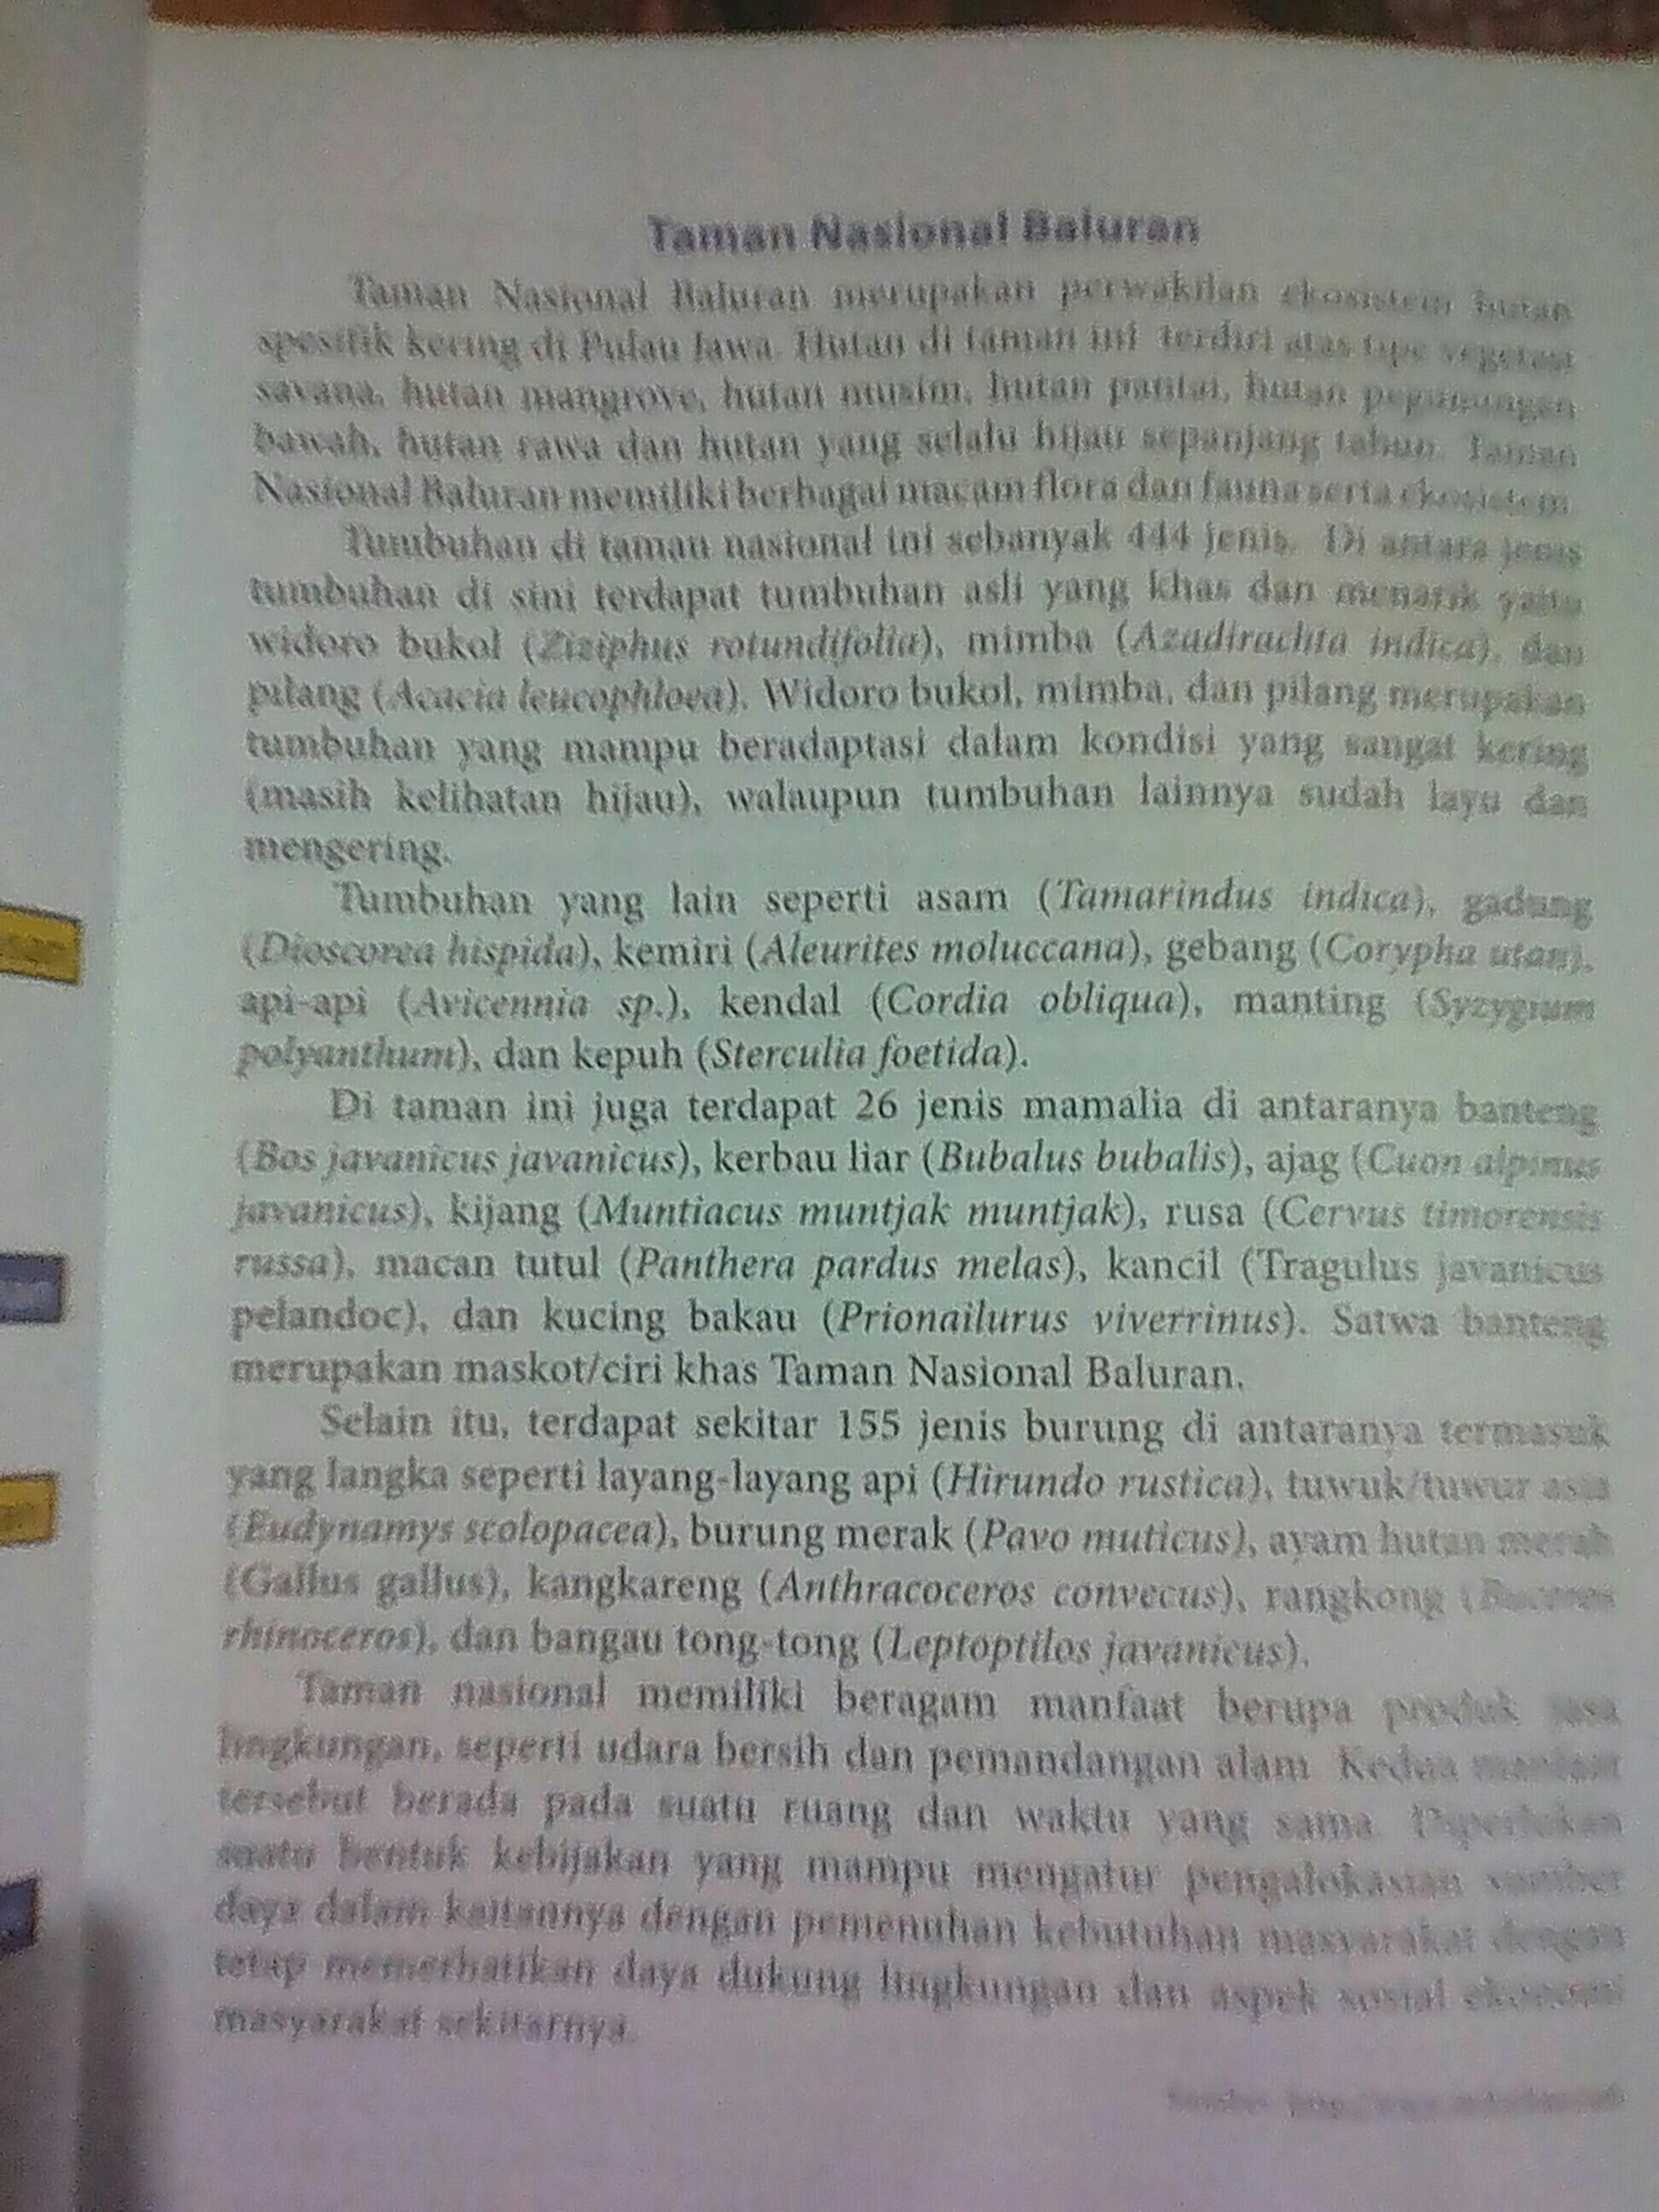 Temukan 2 Contoh Kalimat Simpleks Dalam Teks Di Atas : temukan, contoh, kalimat, simpleks, dalam, 1.temukan, Contoh, Kalimat, Simpleks, Diatas.2., Tmukan, Majemuk, Setara&, Brainly.co.id